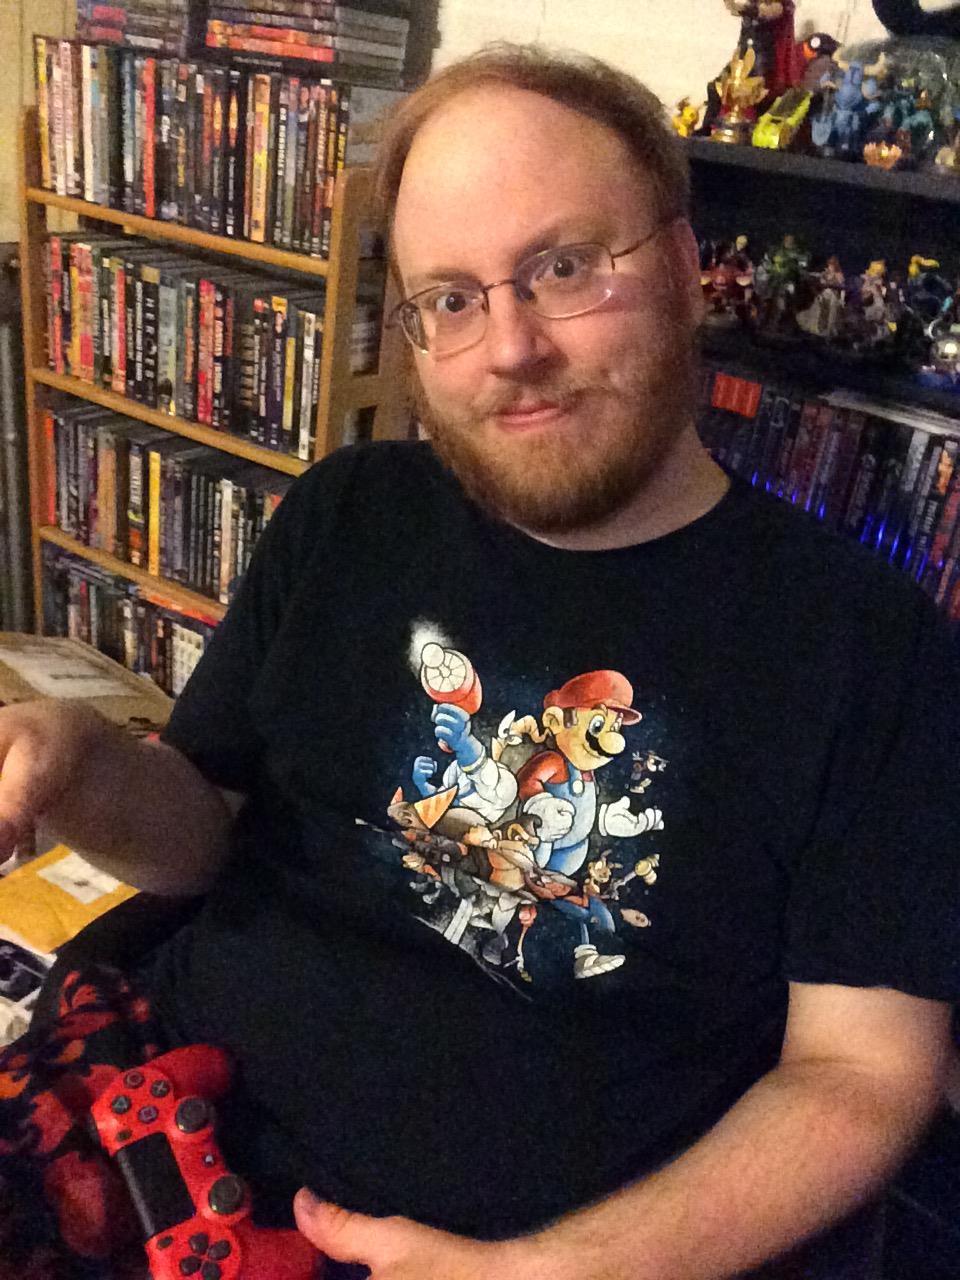 Picture of Ben Bruinooge (BreakManZ)